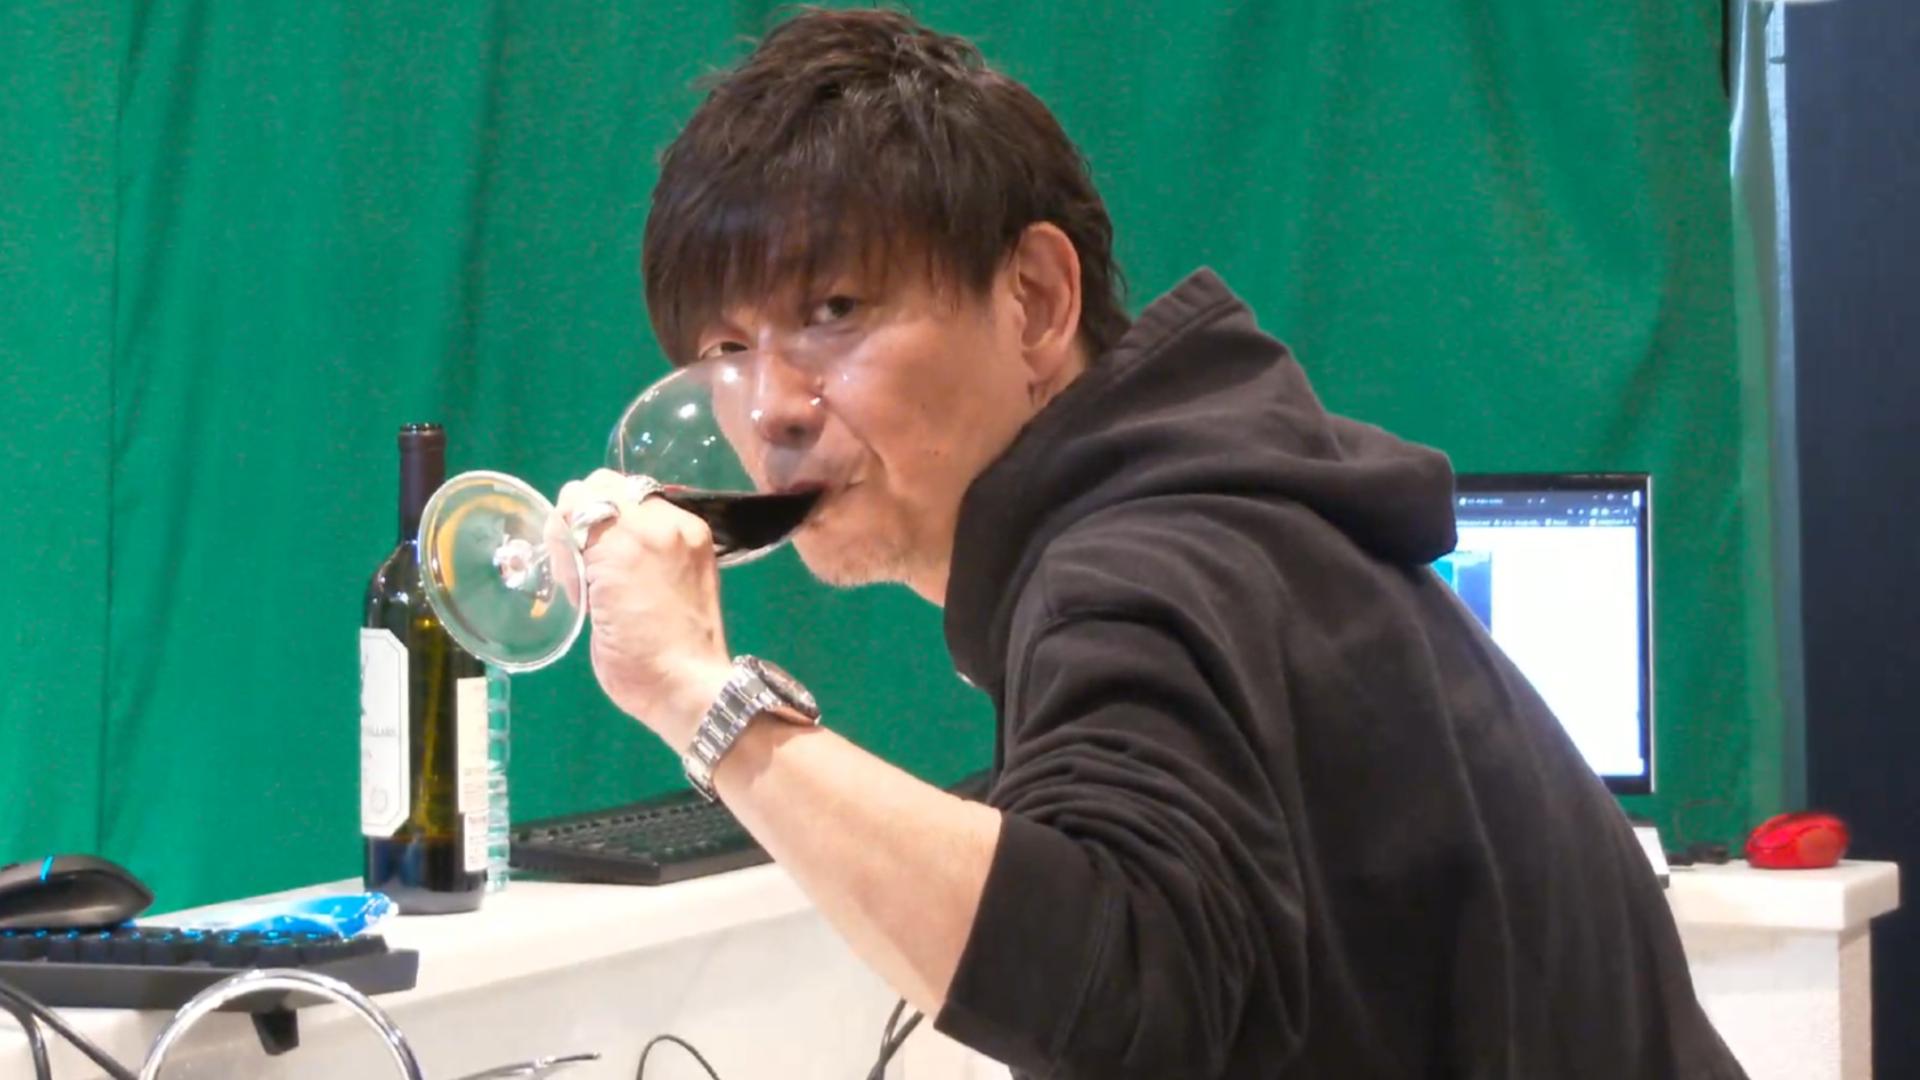 Директор Final Fantasy 14 провел на твиче семичасовой стрим: готовил печенье, пил вино и играл в MMO